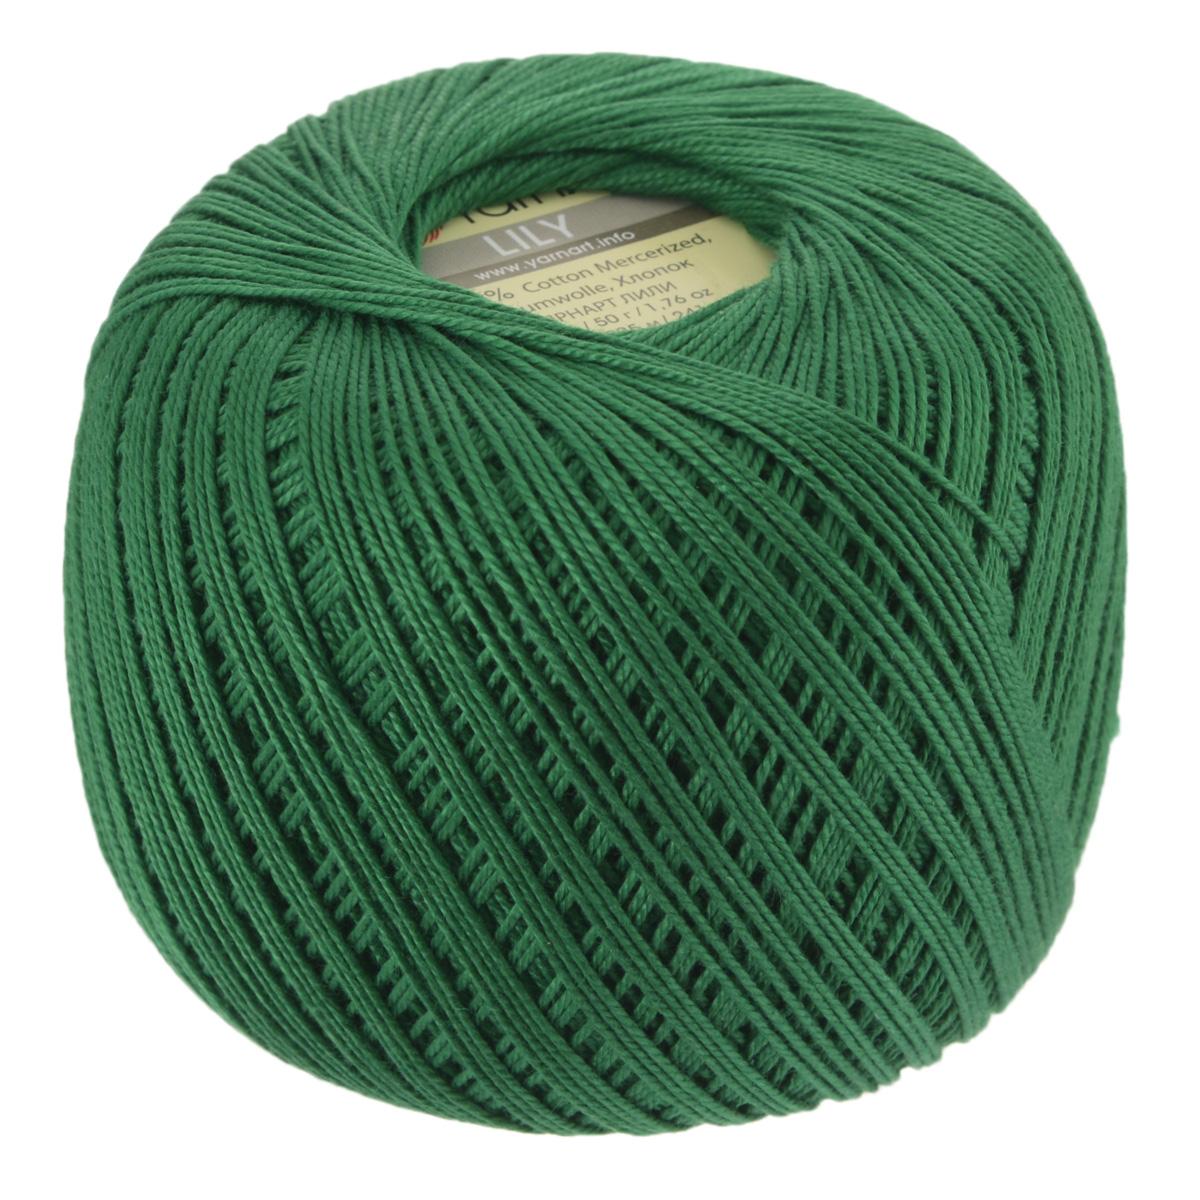 Пряжа для вязания YarnArt Lily, цвет: зеленый (5542), 225 м, 50 г, 8 шт372073_5542Пряжа YarnArt Lily - тонкая, гладкая и упругая пряжа из 100% мерсеризованного хлопка для вязания крючком и спицами. Нить хорошо скручена и не расслаивается. Это классическая пряжа, которая пользуется большой популярностью. Отлично подходит для вязания ажурных изделий. Замечательный вариант для вязания в технике ирландского кружева. Рекомендуется для вязания крючком 1,75-2 мм и на спицах 2,5 мм. Комплектация: 8 мотков. Толщина нити: 1 мм. Состав: 100% мерсеризованный хлопок.